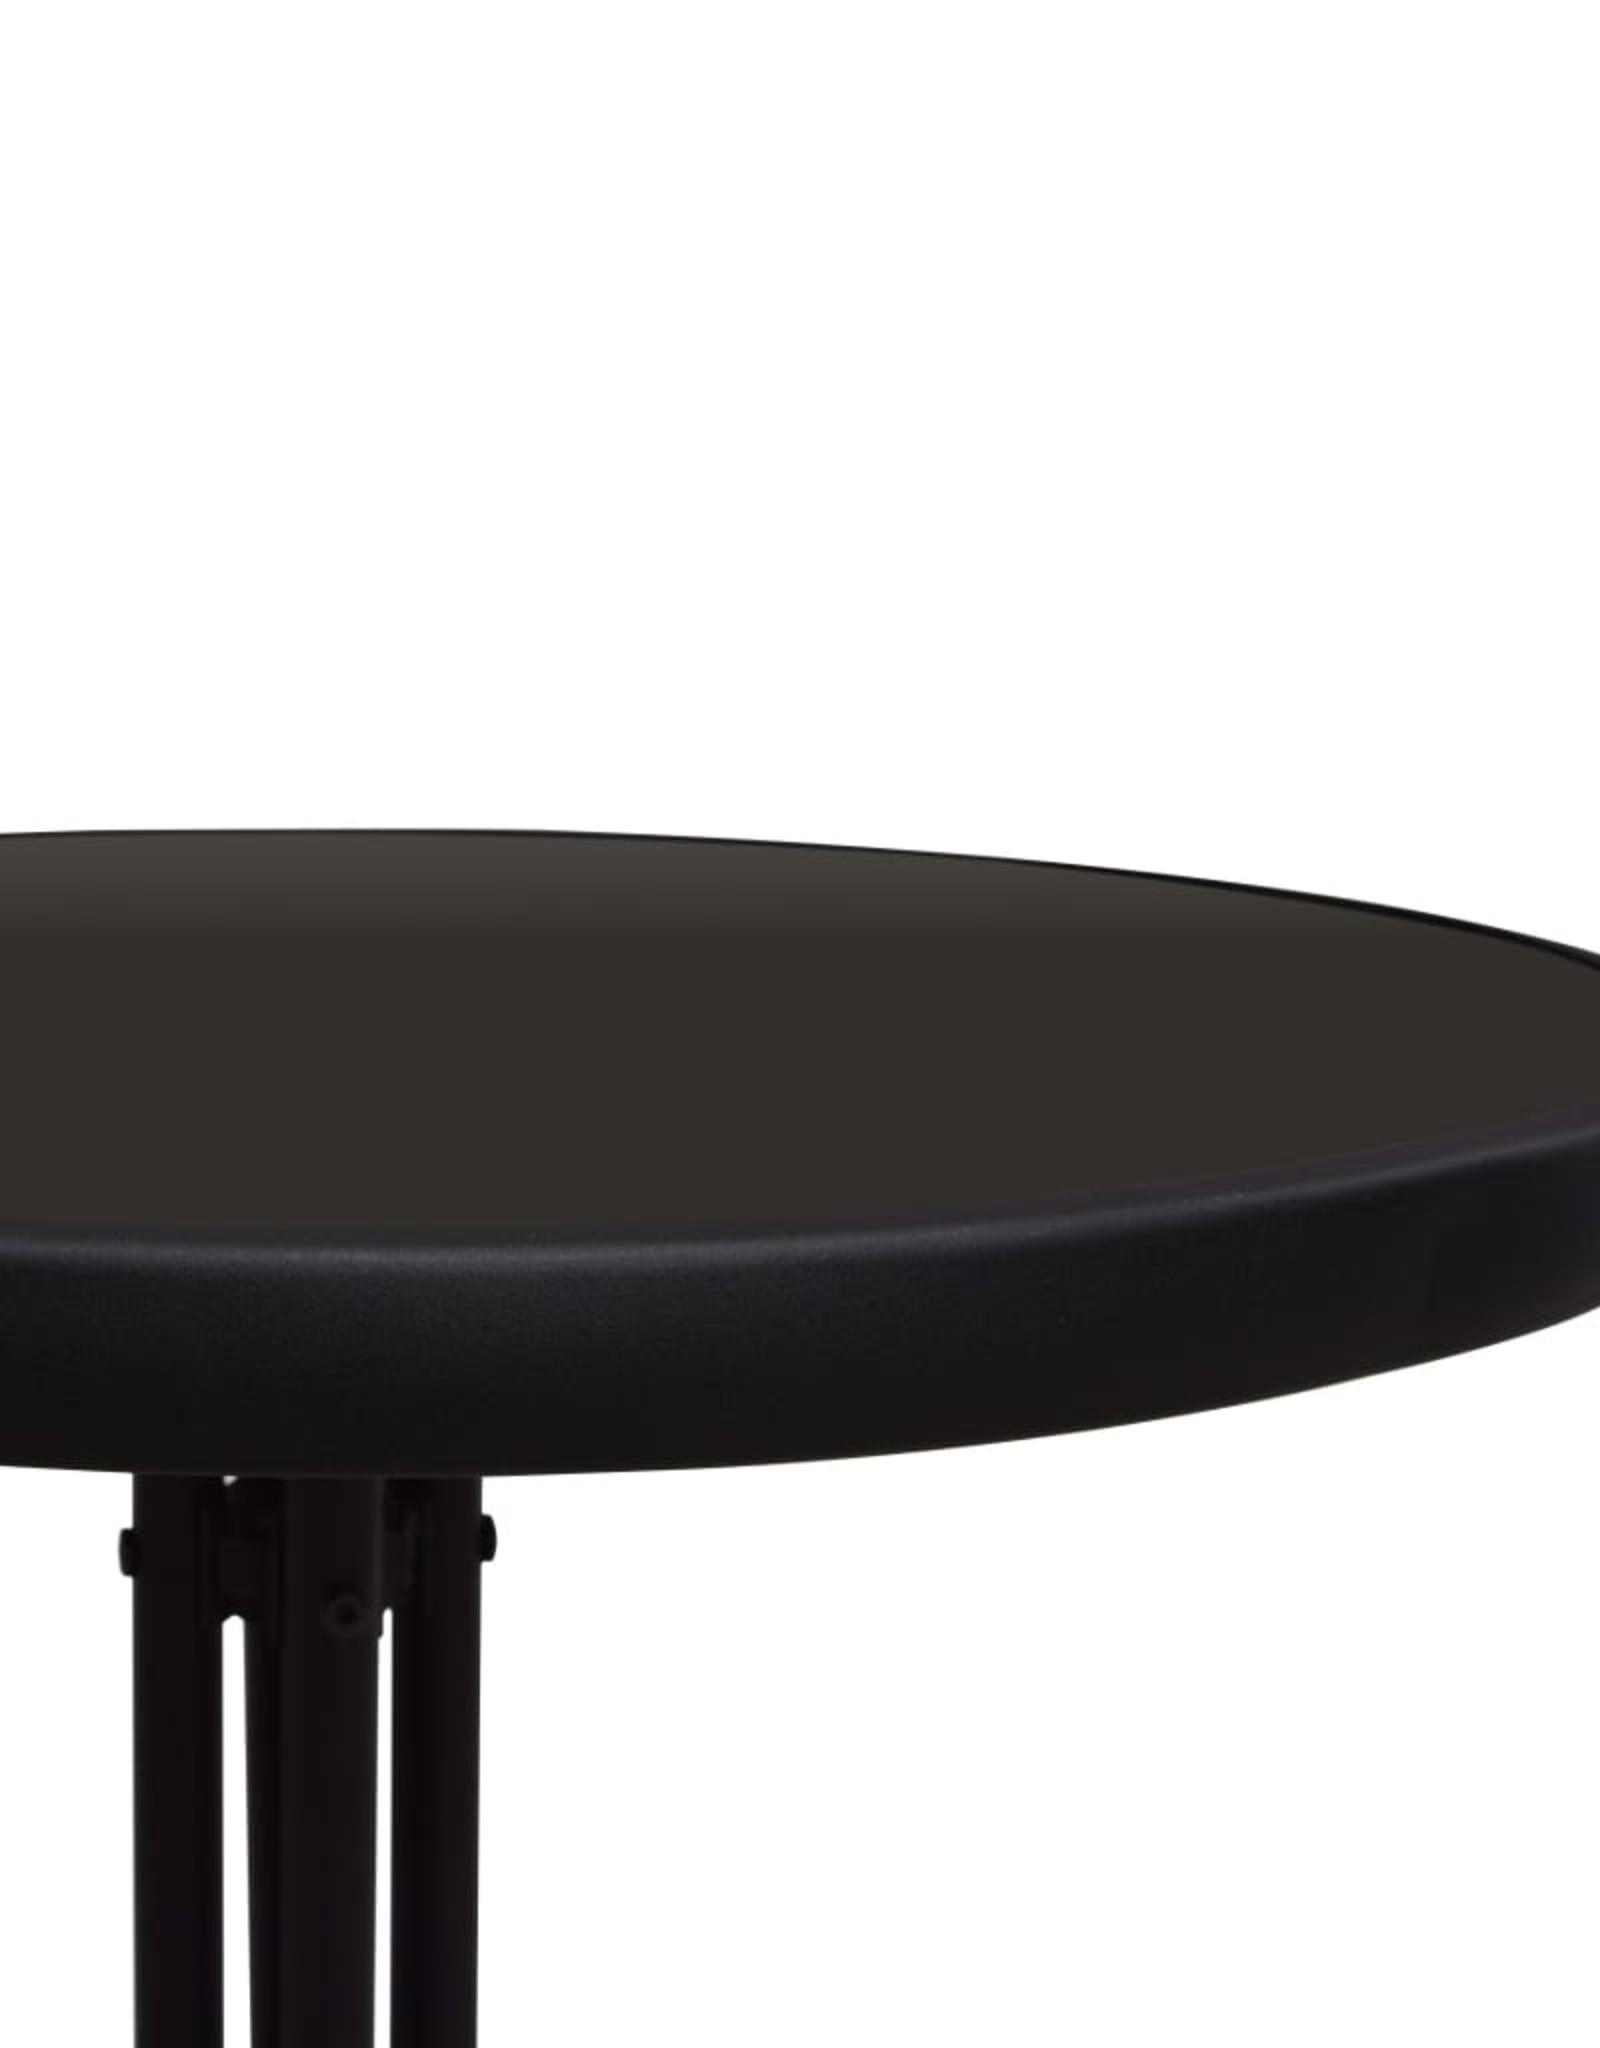 vidaXL 3-delige Bistroset PVC-rattan zwart